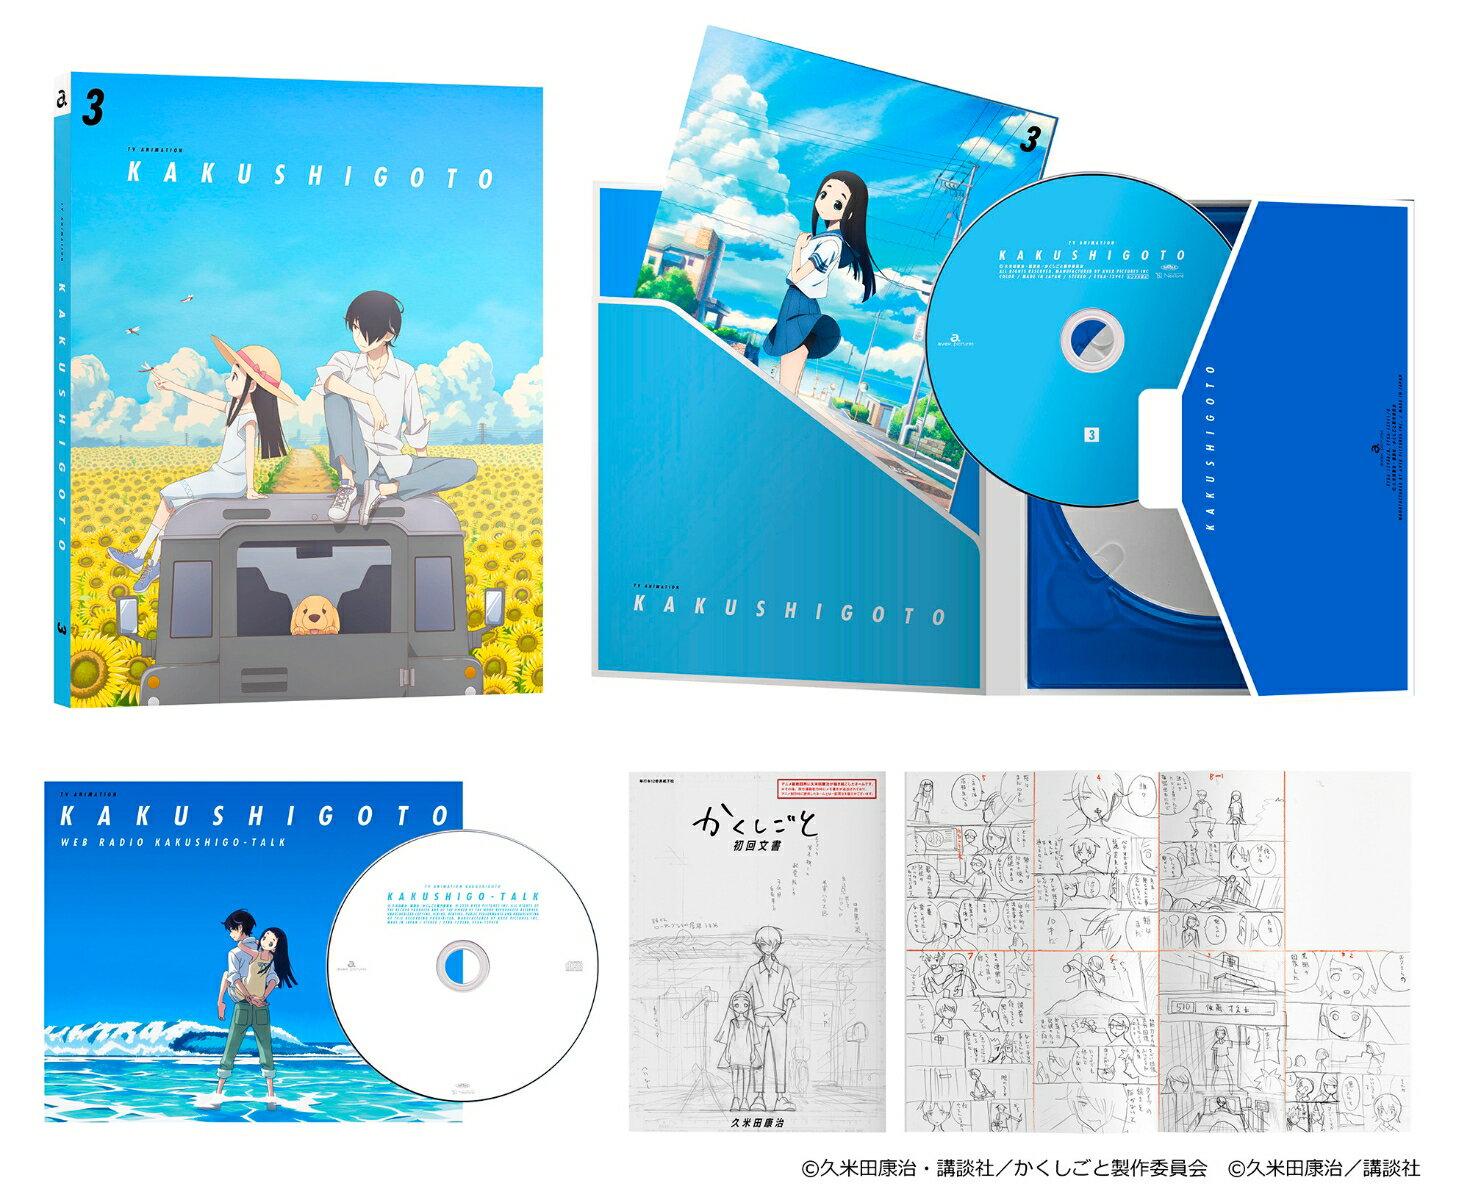 かくしごと Blu-ray 3【Blu-ray】